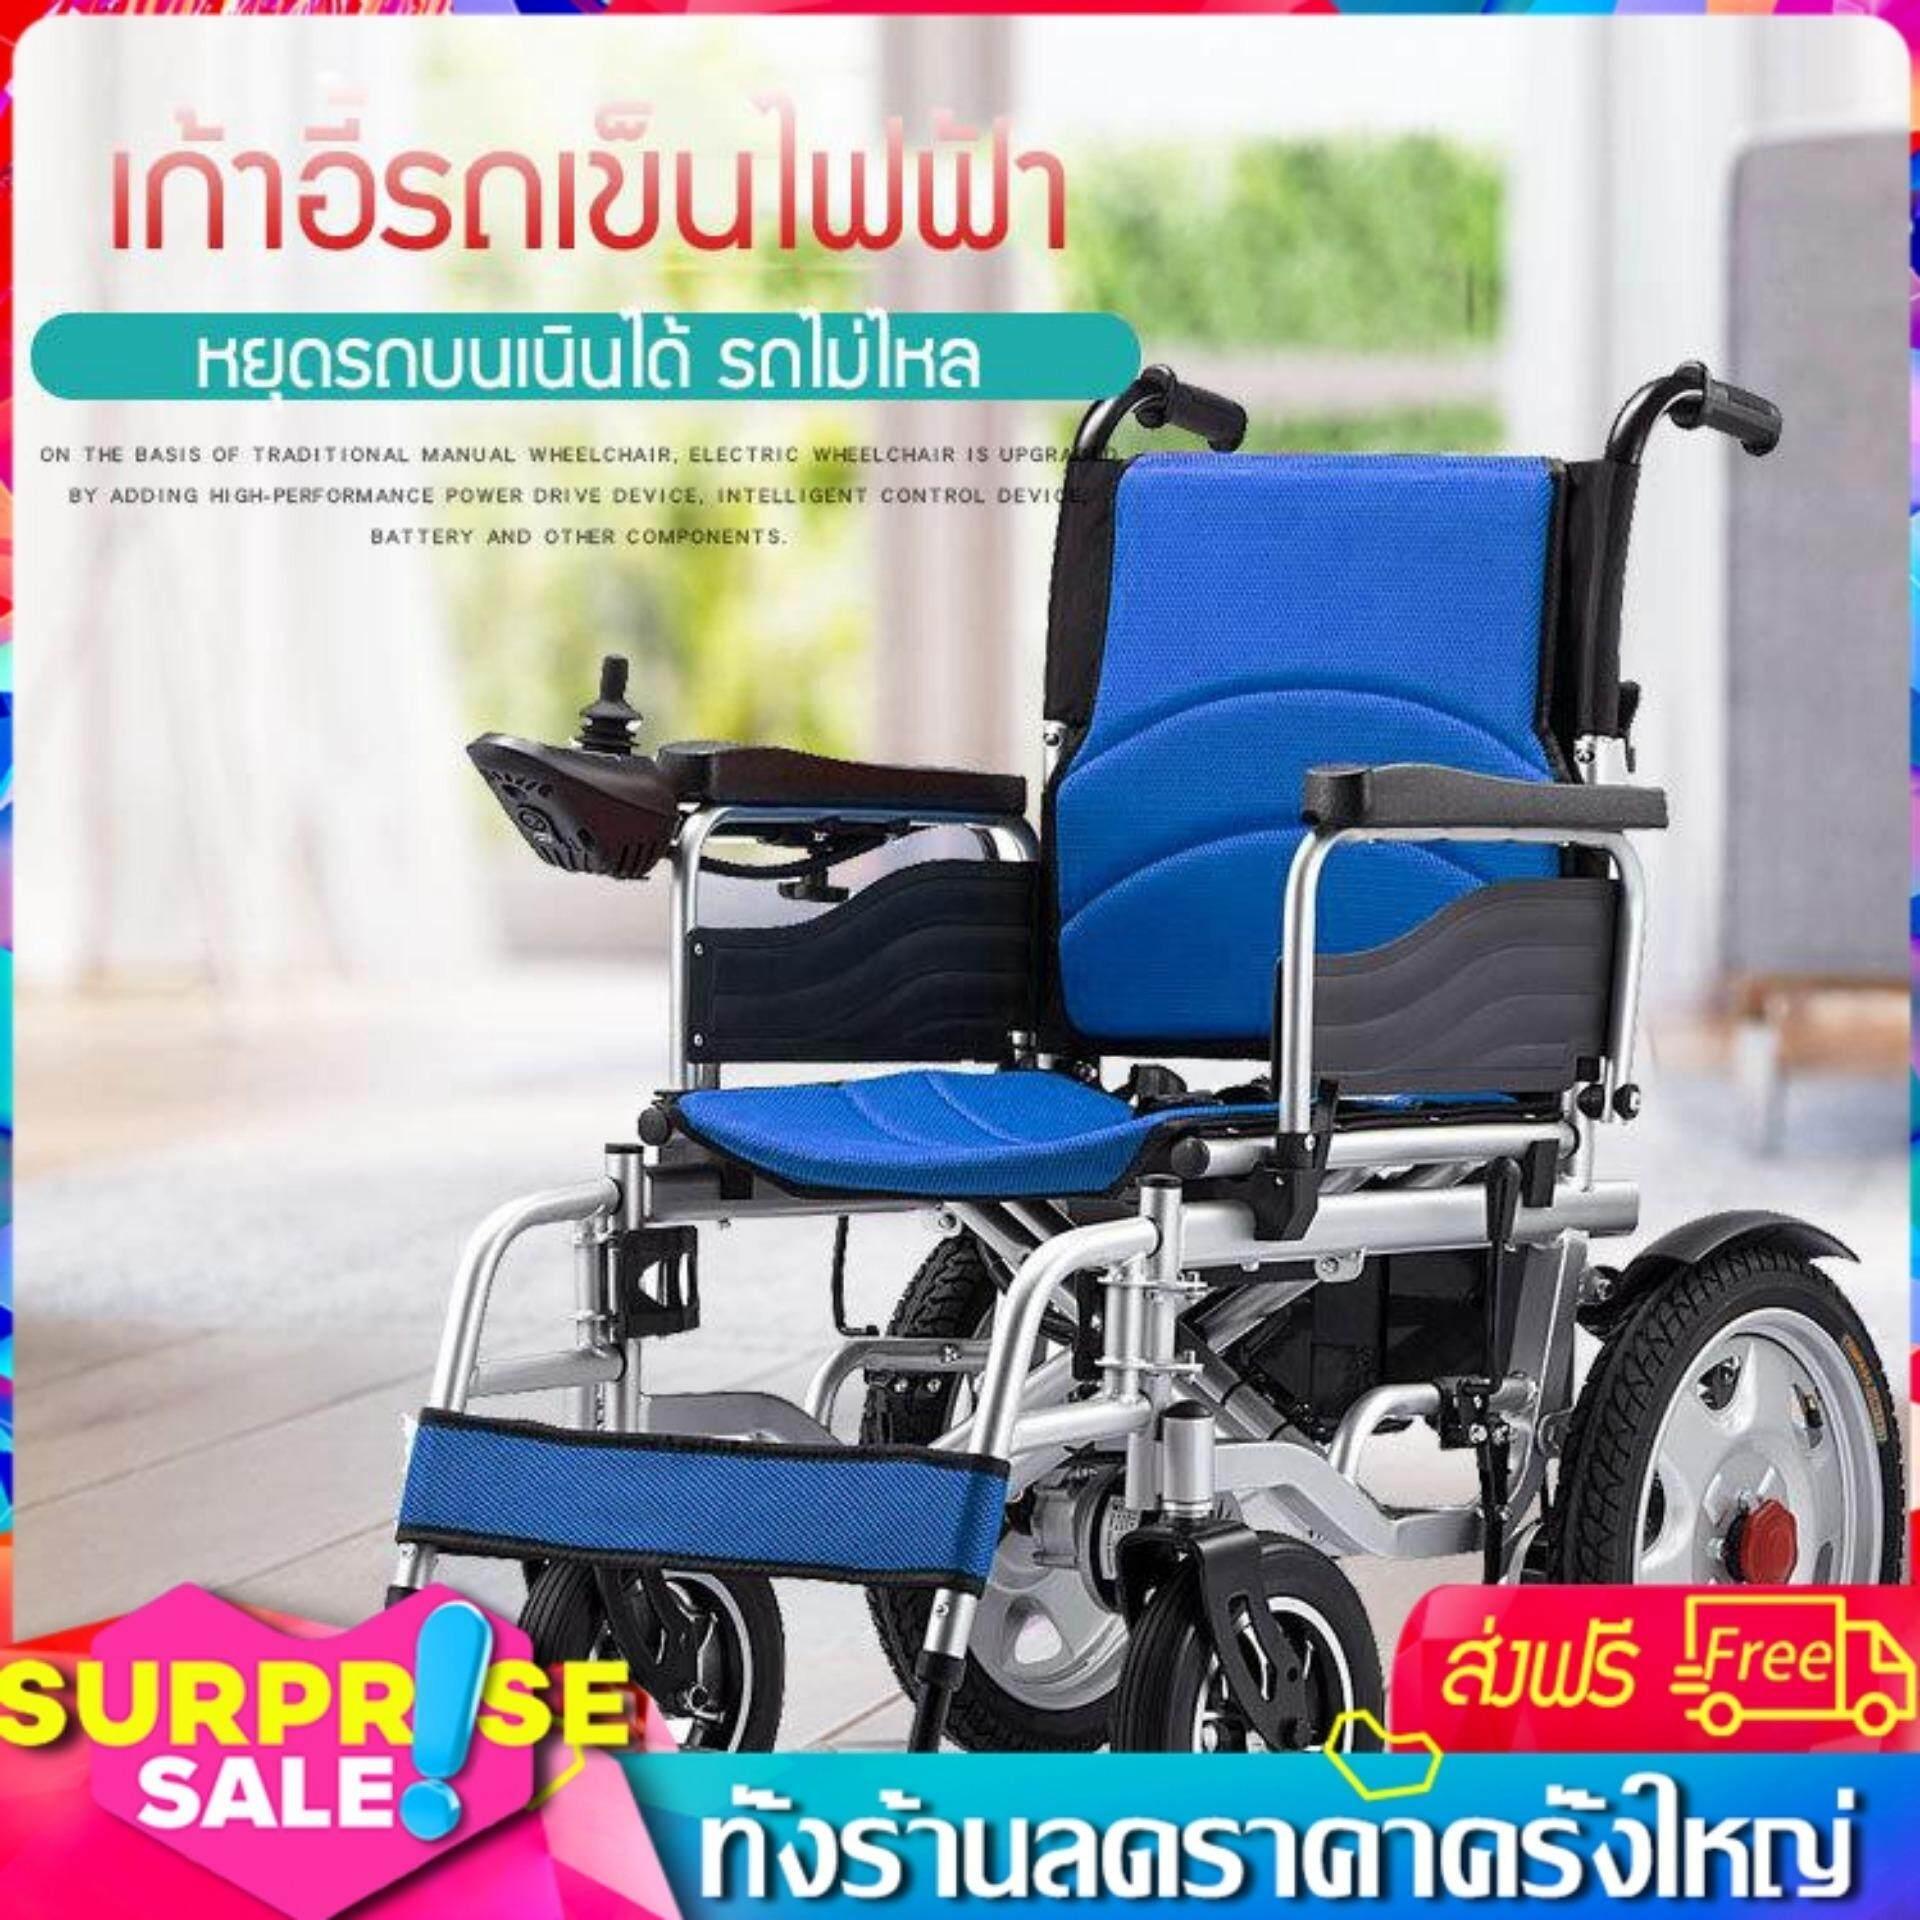 ลดสุดๆ เก้าอี้รถเข็นไฟฟ้า รุ่นอัพเกรด Wheelchair รถเข็นผู้ป่วย รถเข็นผู้สูงอายุ มือคอนโทรลได้ มีเบรคมือ ล้อหนา แข็งเเรง ปลอดภัย รับนน.ได้มาก  Our shopping home